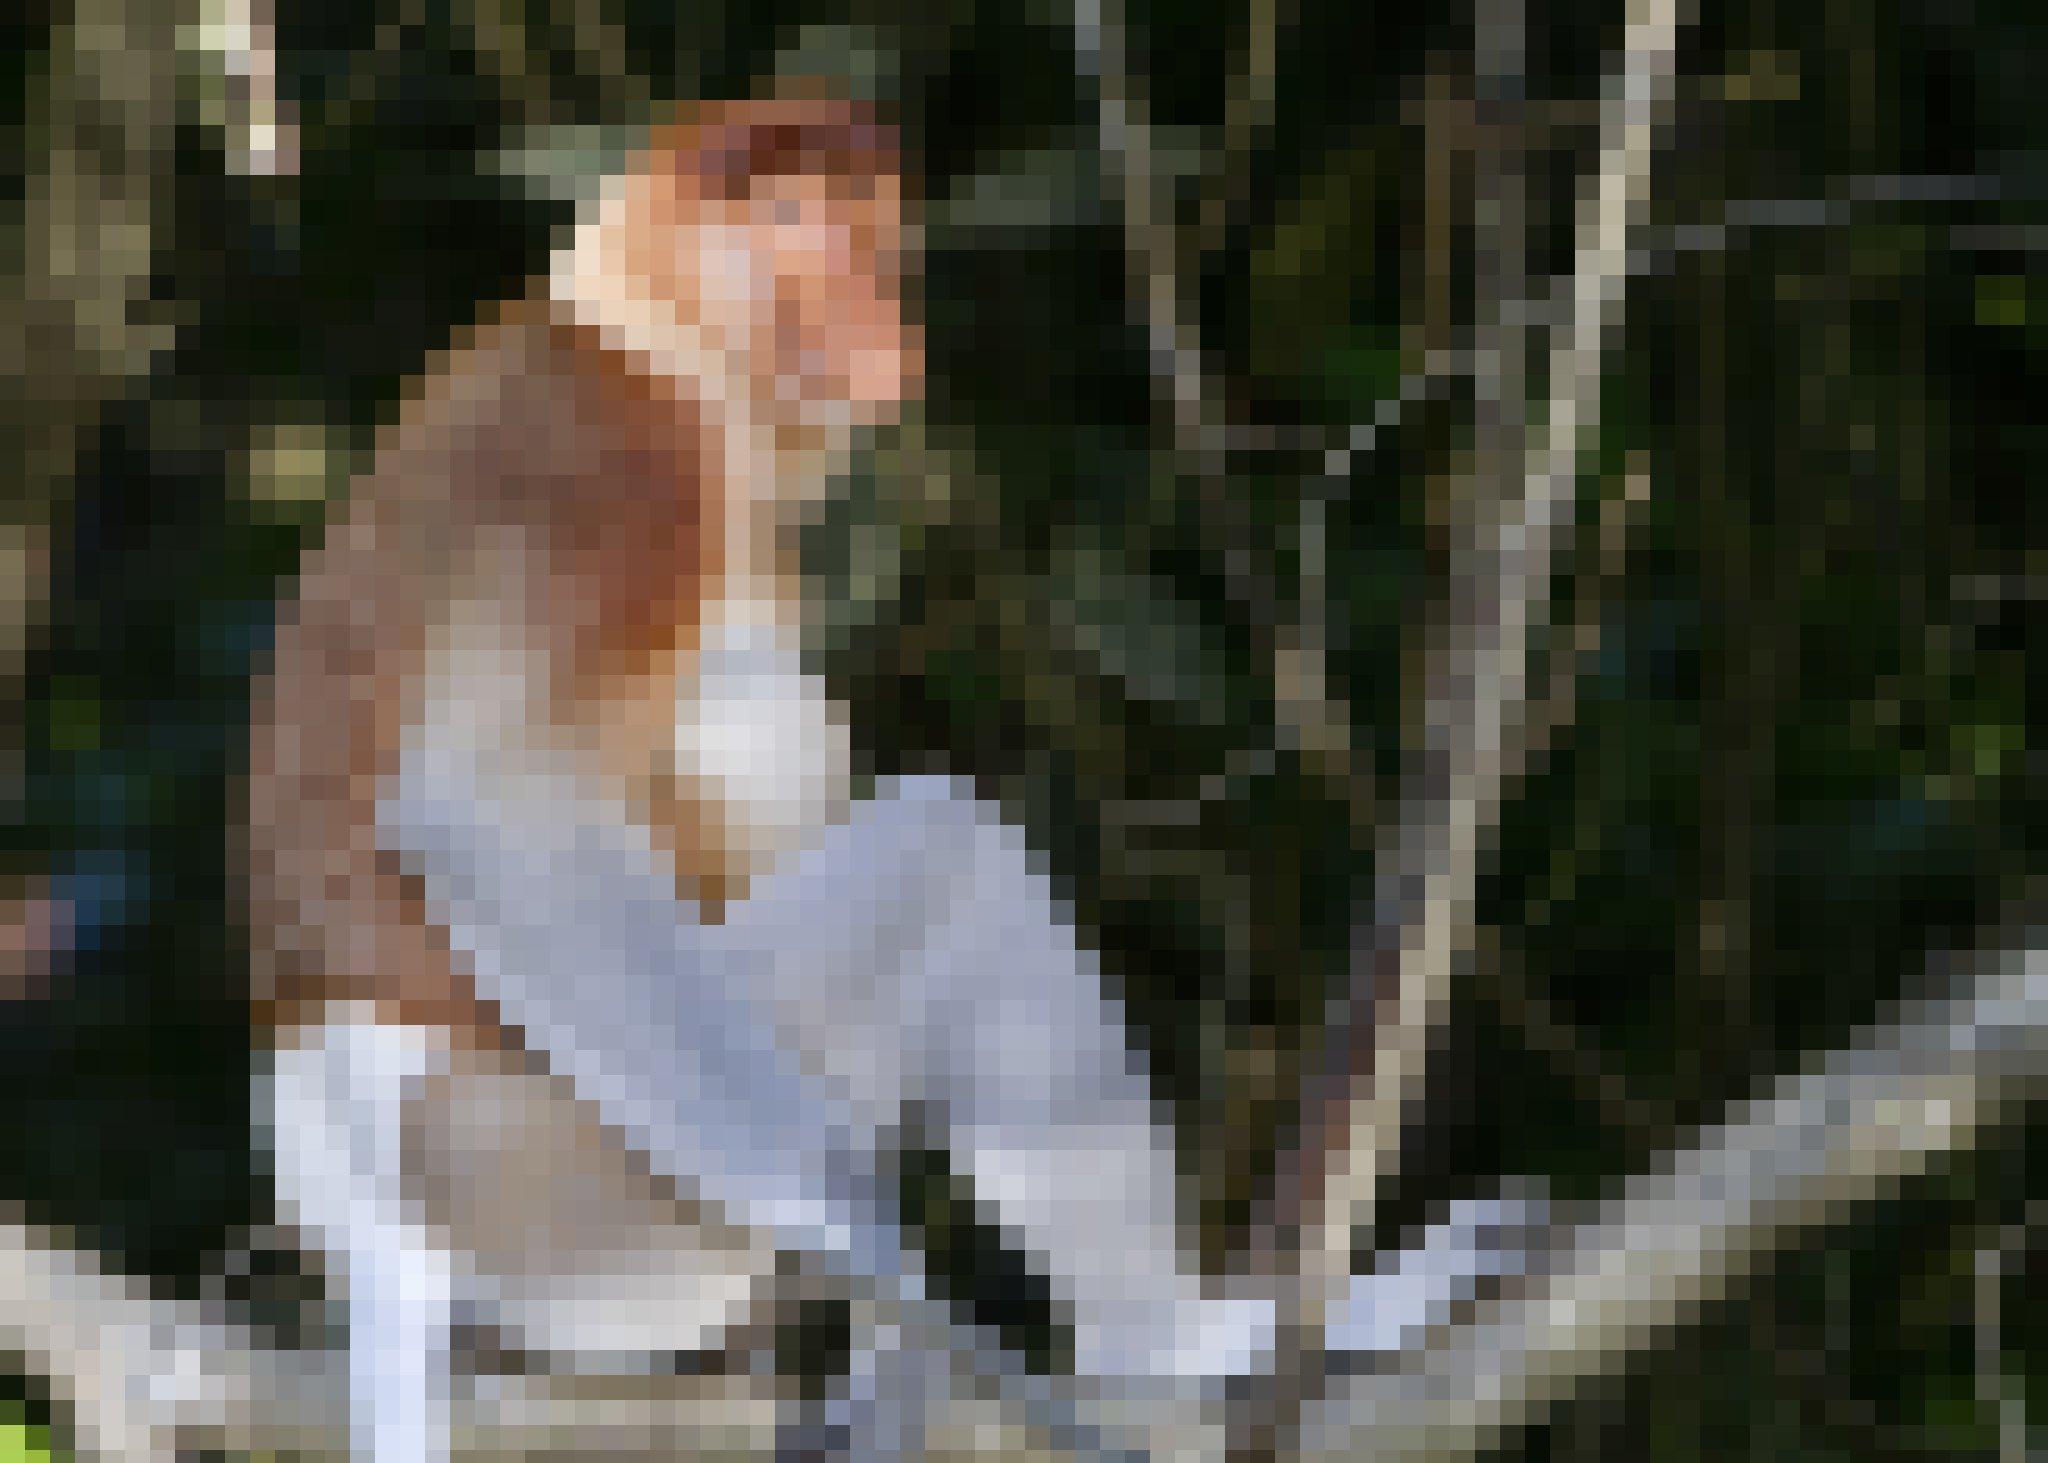 Das Foto zeigt einen Nasenaffen mit seinem seltsamen, riesigen Riechorgan, der auf einem Ast im Regenwald Borneos sitzt und sein mächtiges Bein angewinkelt hat, den Fuß auf dem Holz abstützt. Die meisten Affen haben längere Beine als Arme, und können daher kraftvoll von Ast zu Ast springen. Im Sitzen haben sie die Hände frei, die sie dann häufig nutzen, um mit ihnen Dinge zu ergreifen, etwa Blätter oder Früchte.